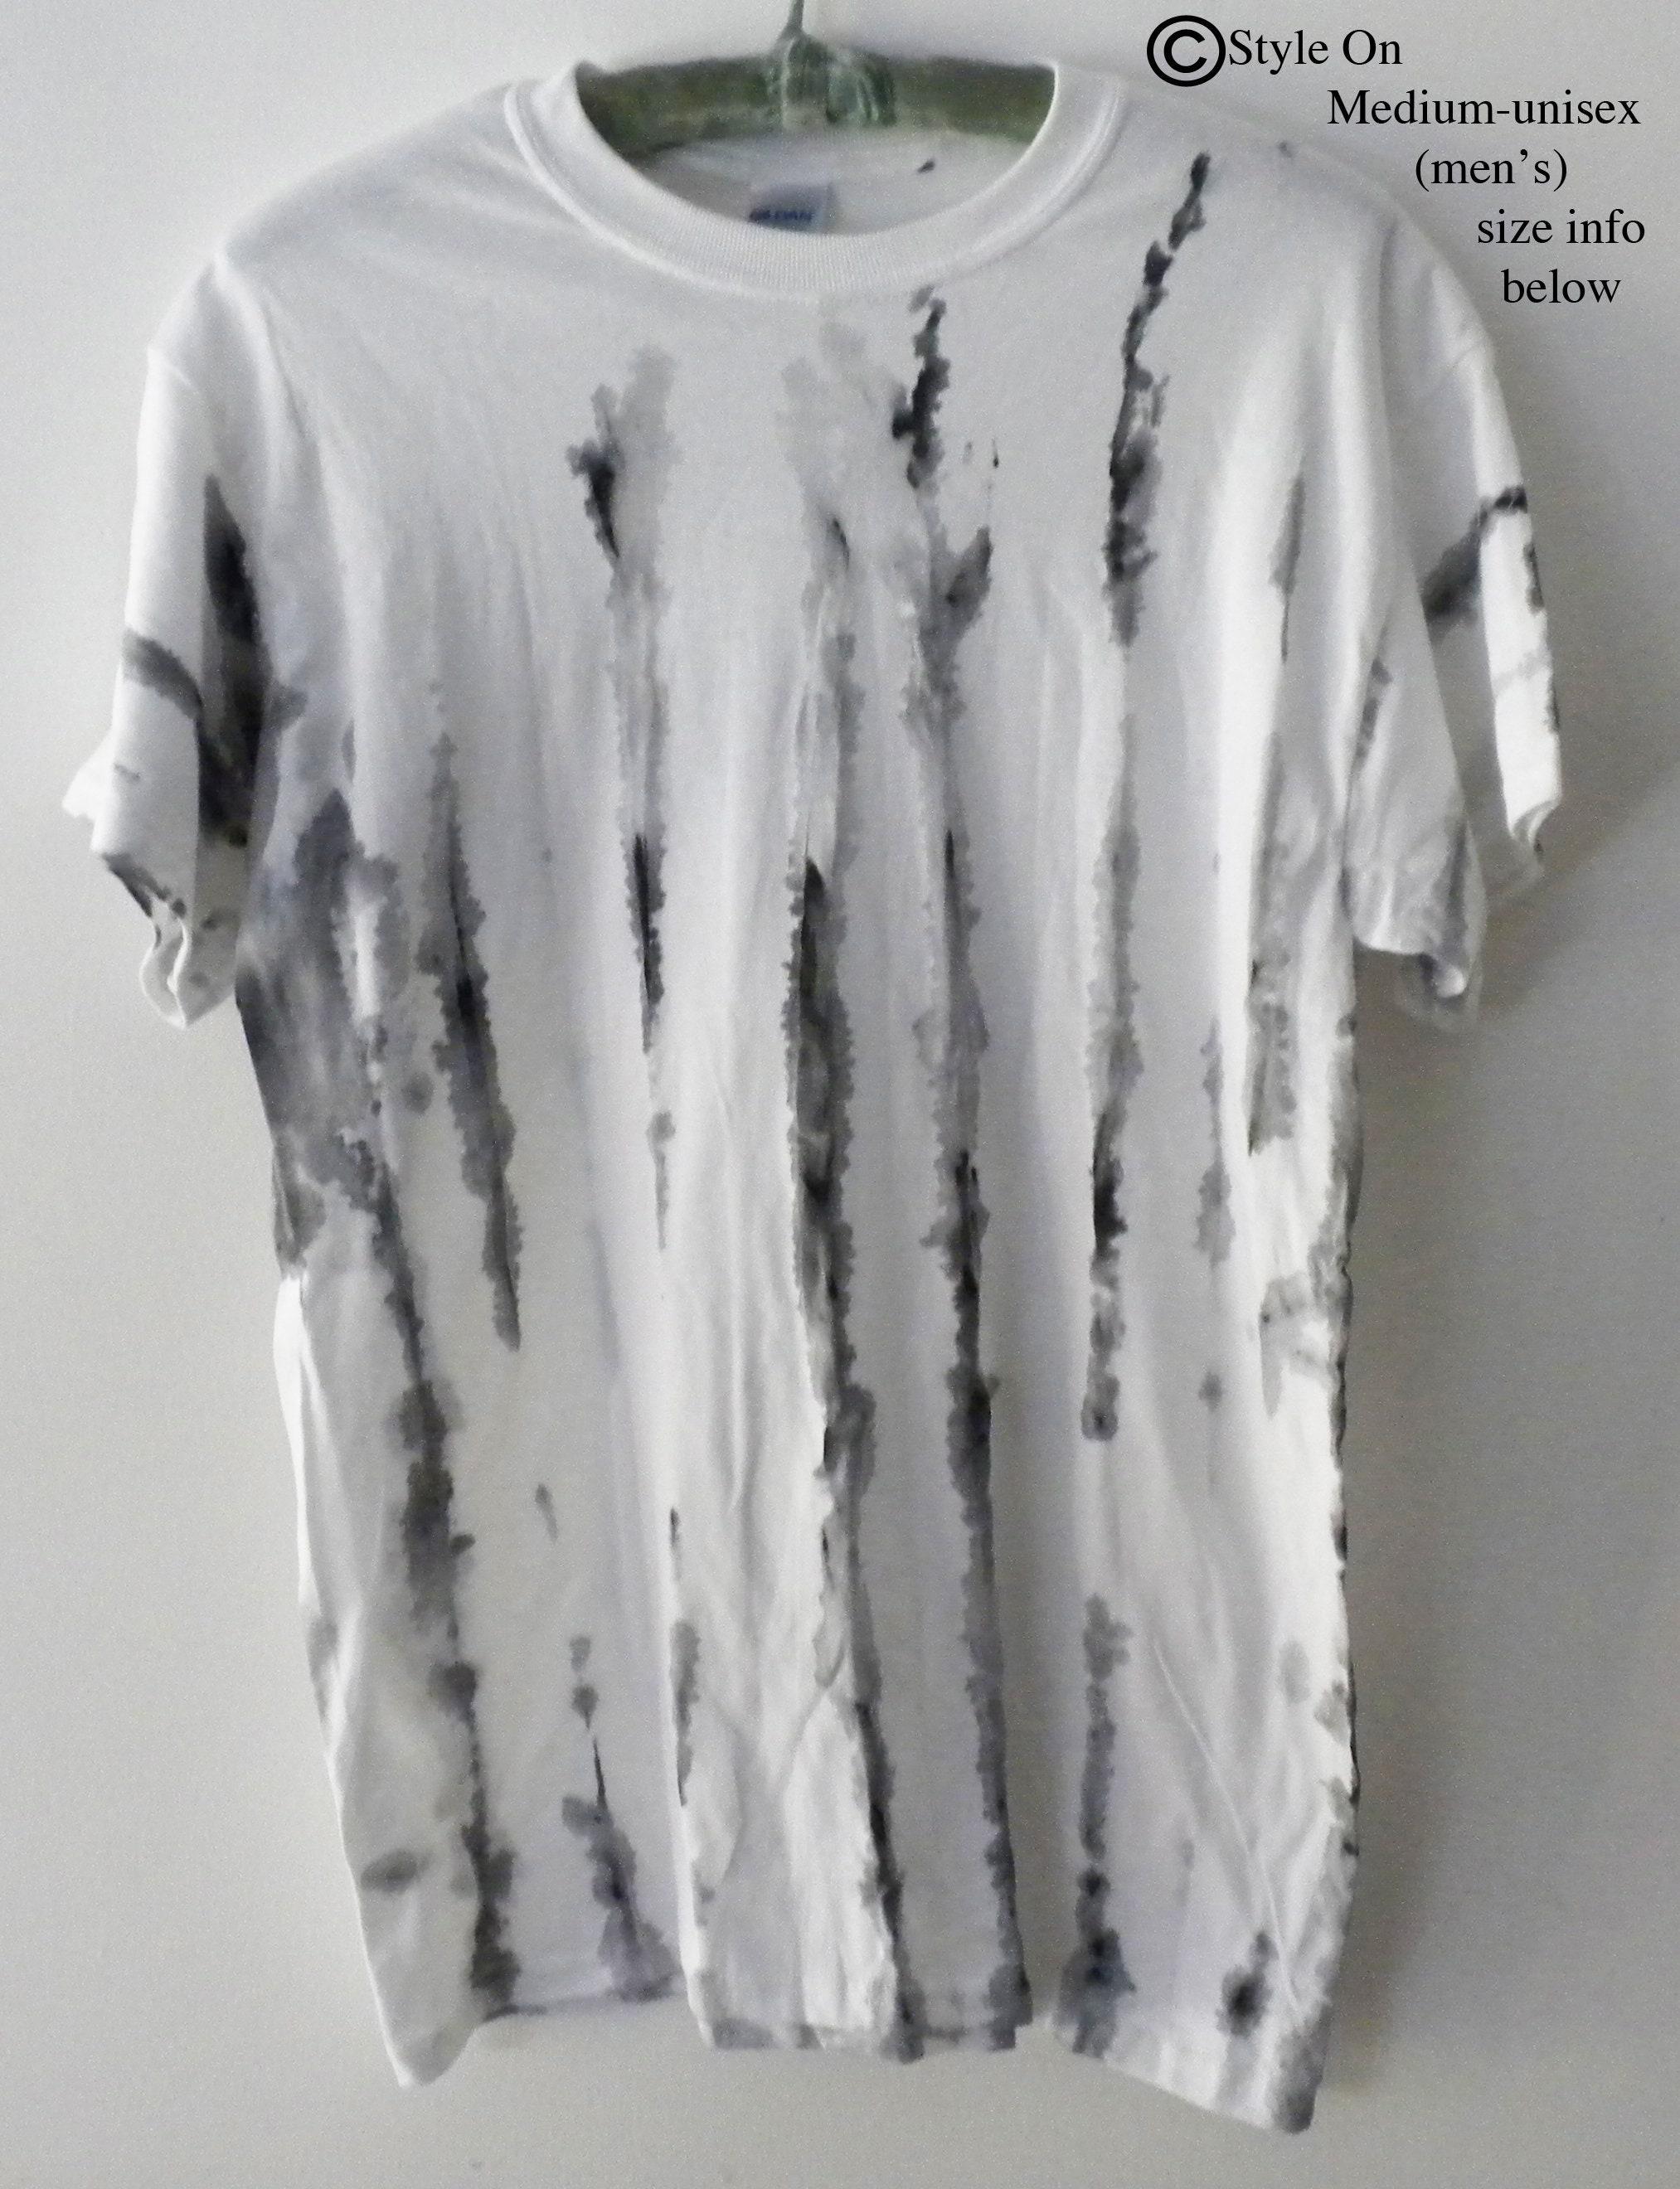 bfdd510f9 Black White Tie Dye T Shirt | Oregon Guide Book